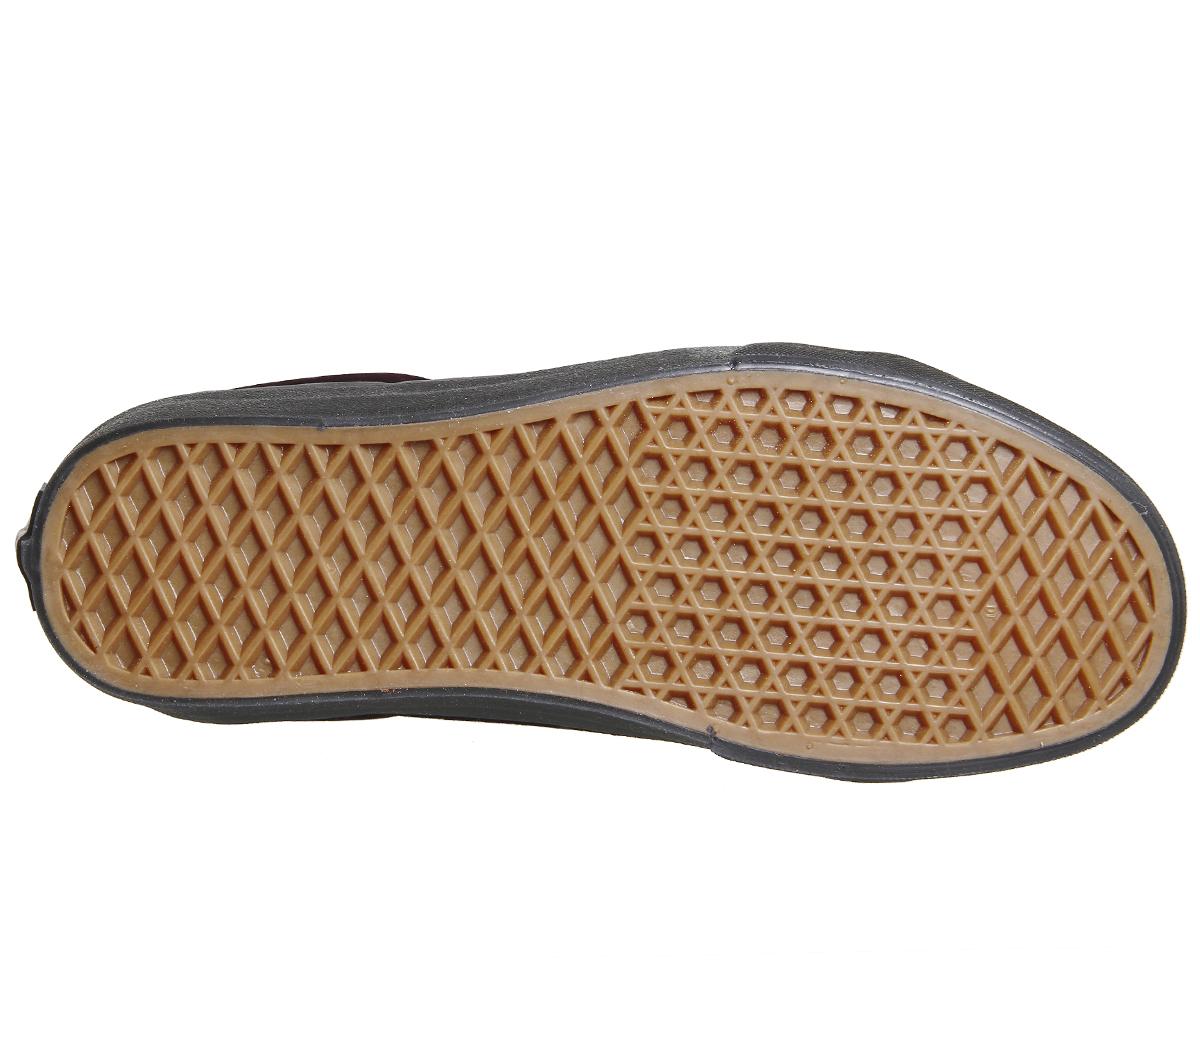 3244f9461d Womens Vans Sk8 Hi Reissue VELVET BURGUNDY BLACK Trainers Shoes